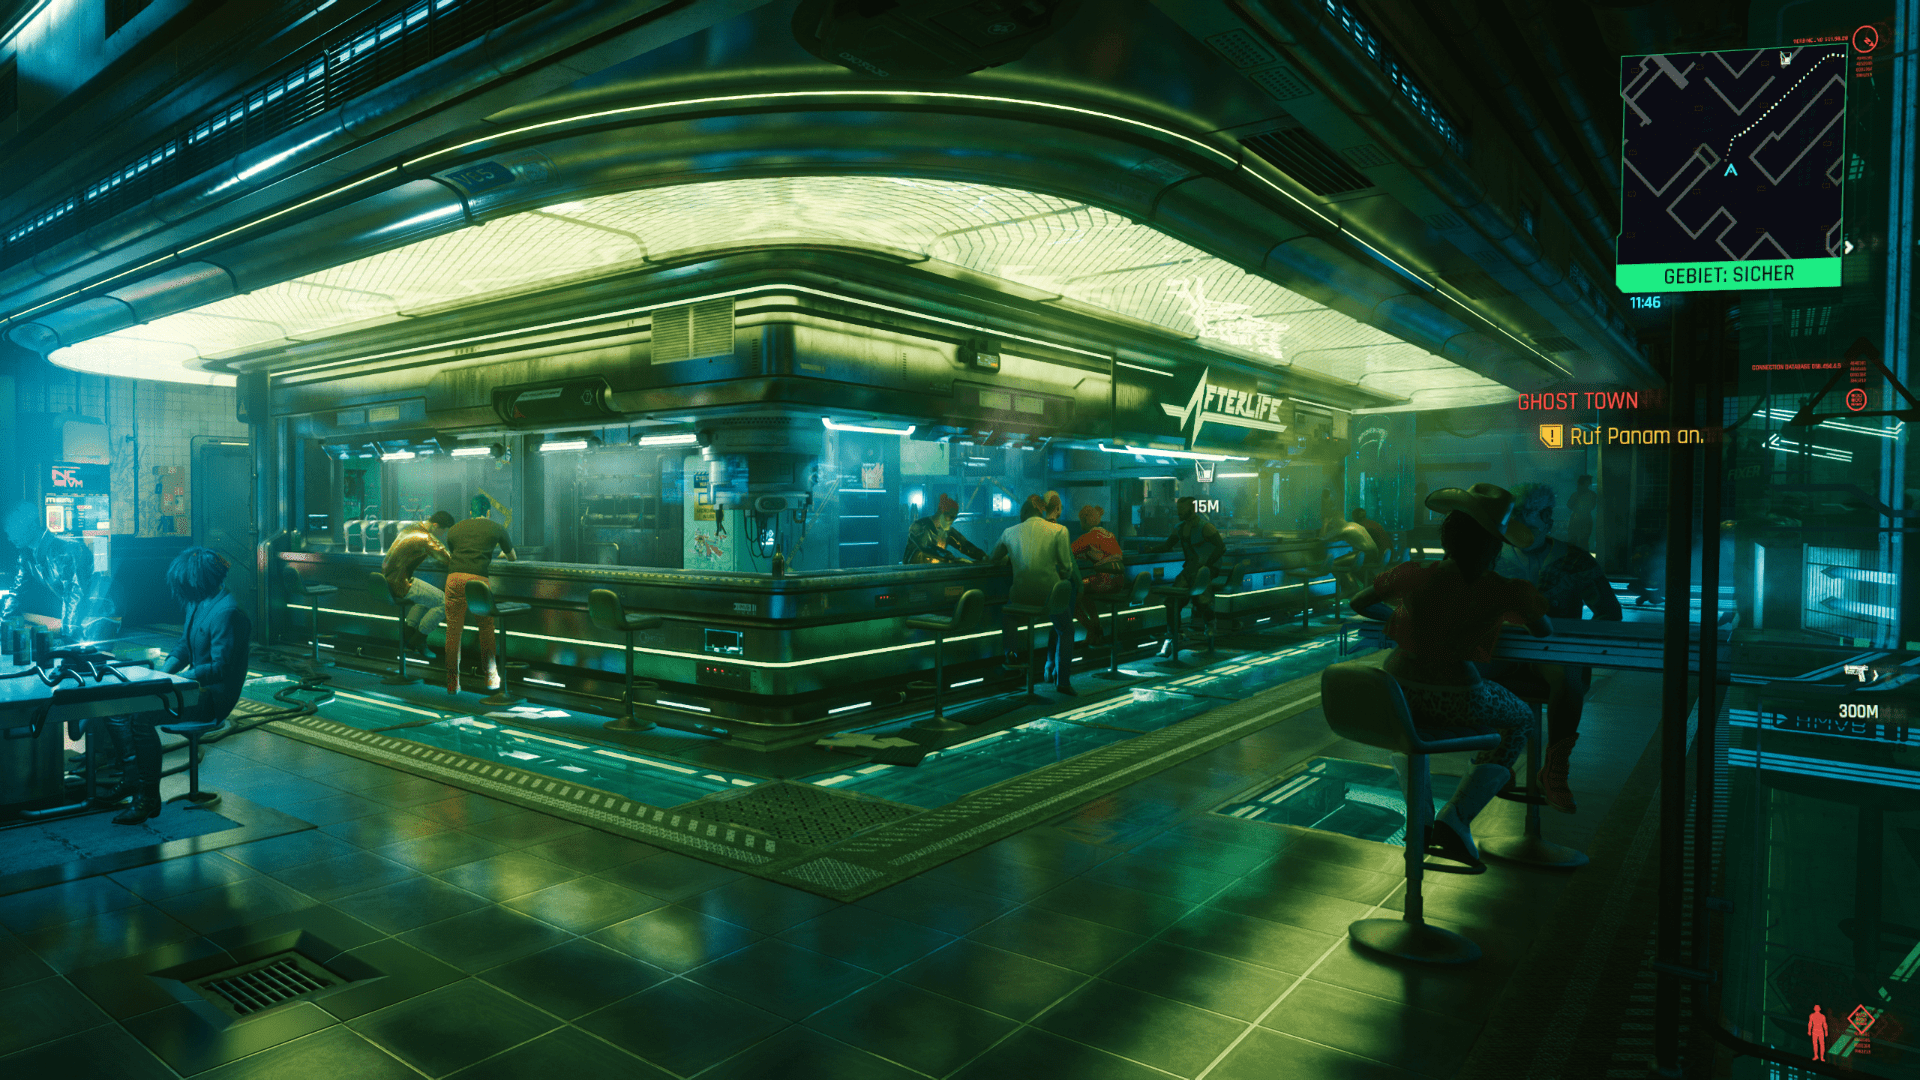 Barszene von Cyberpunk 2077 mit Raytracing aus